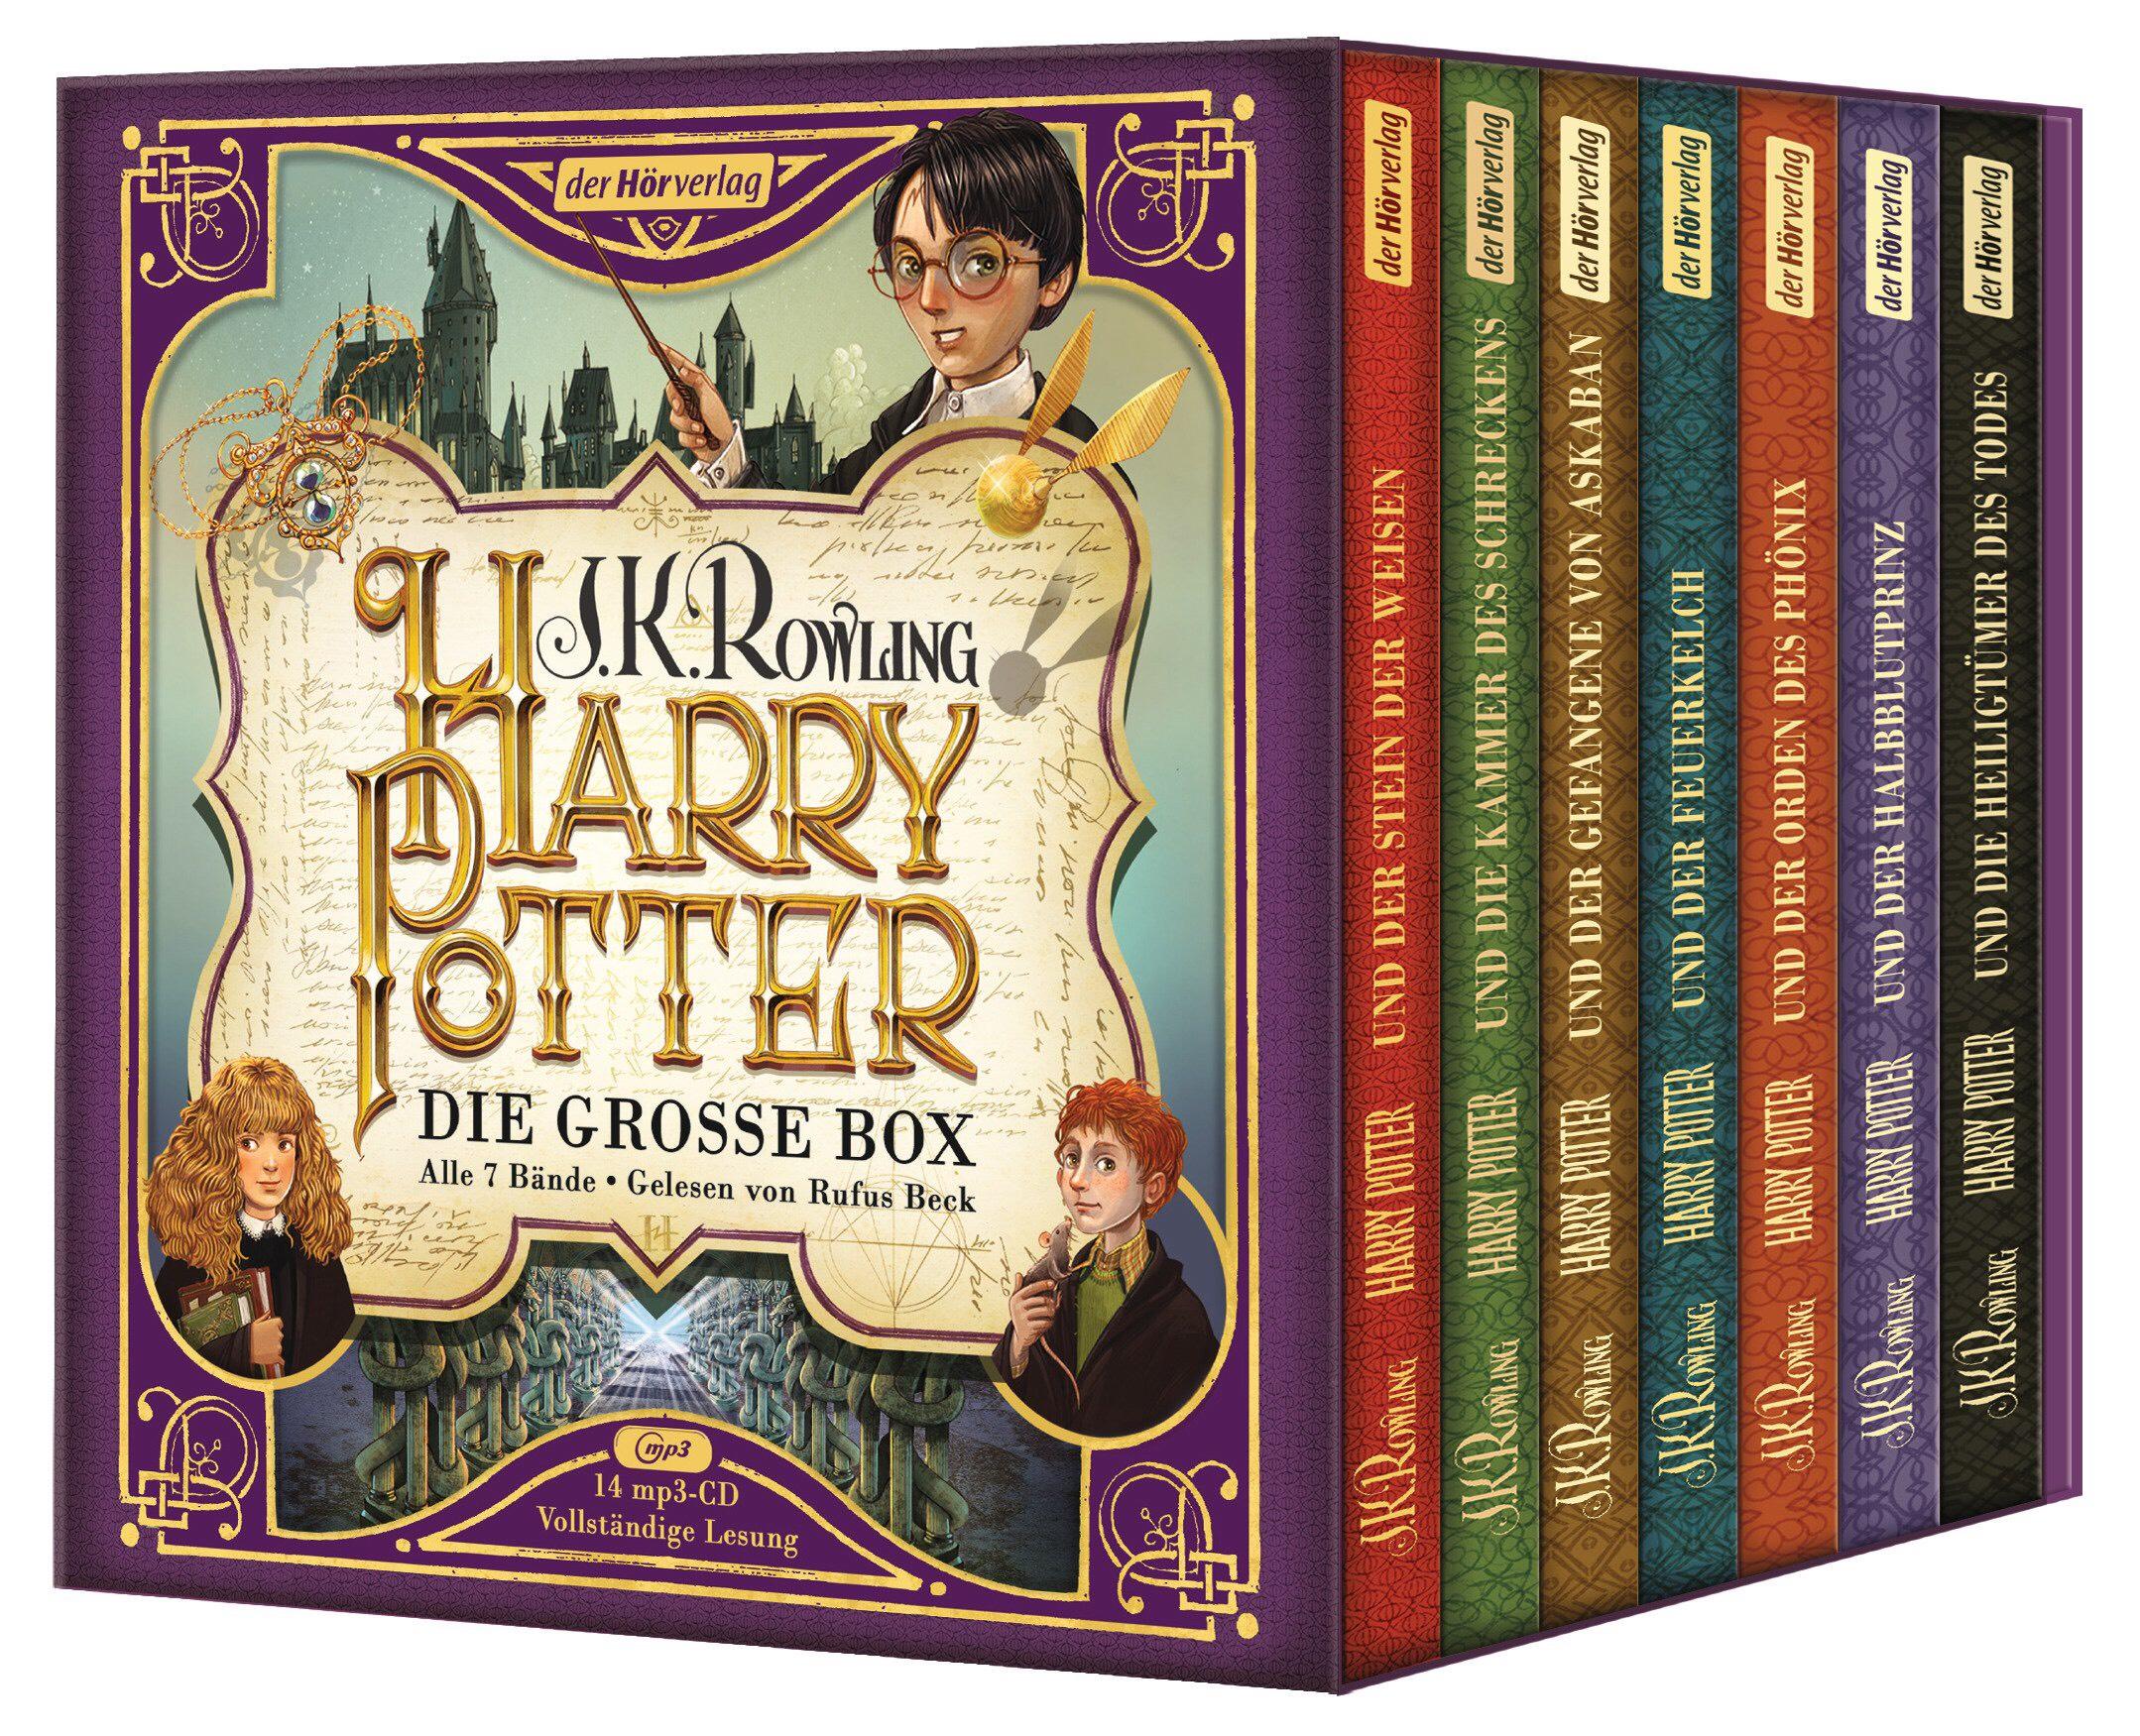 """Harry Potter Hörbuch alle 7 Bände """"Die große Box zum Jubiläum"""" Hörspiel gelesen von Rufus Beck [MP3 CD]"""